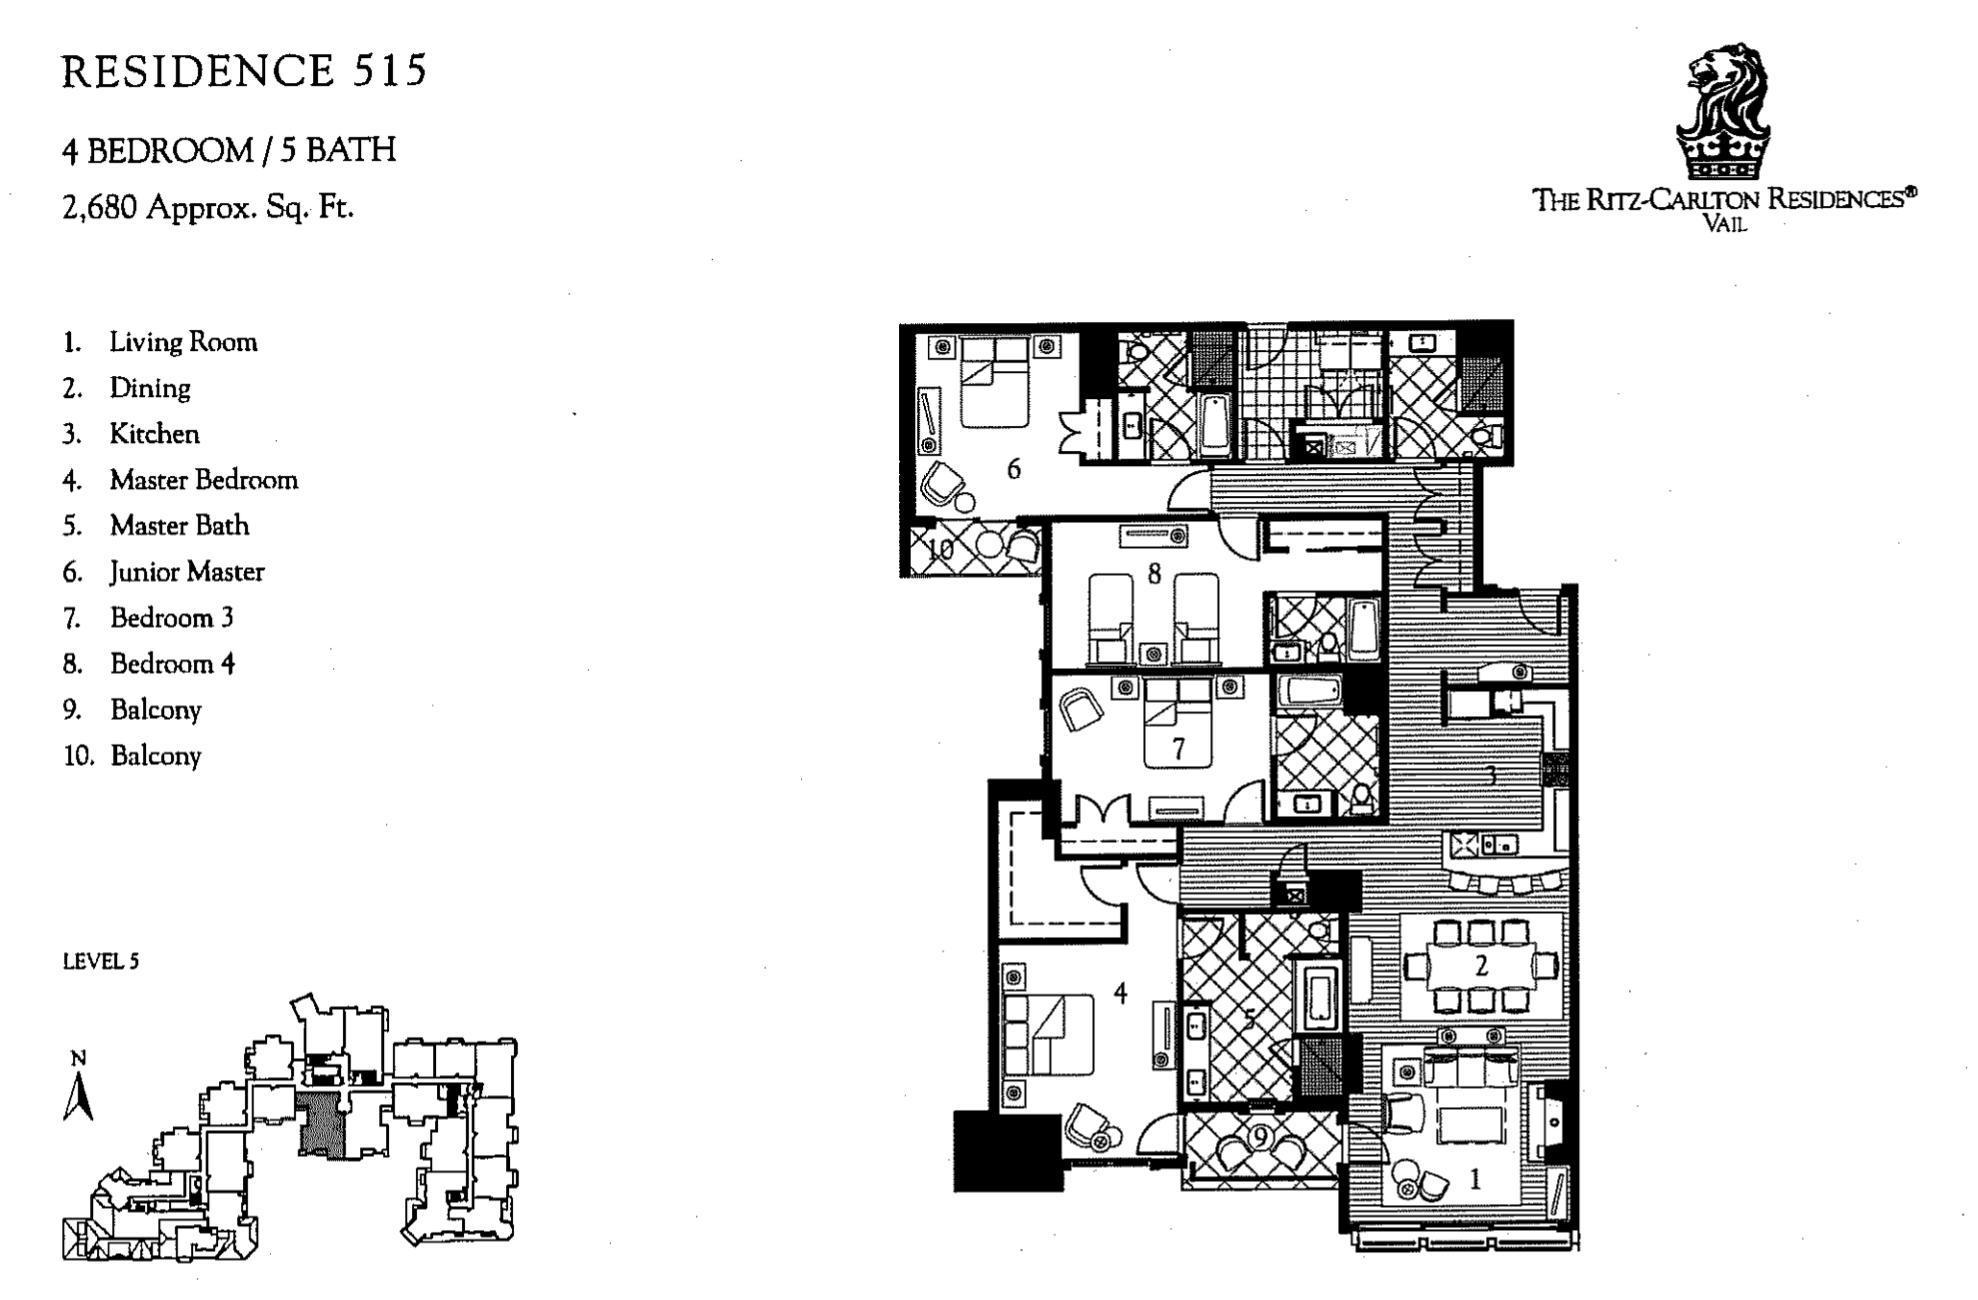 Property image for 728 Lionshead Unit R-515